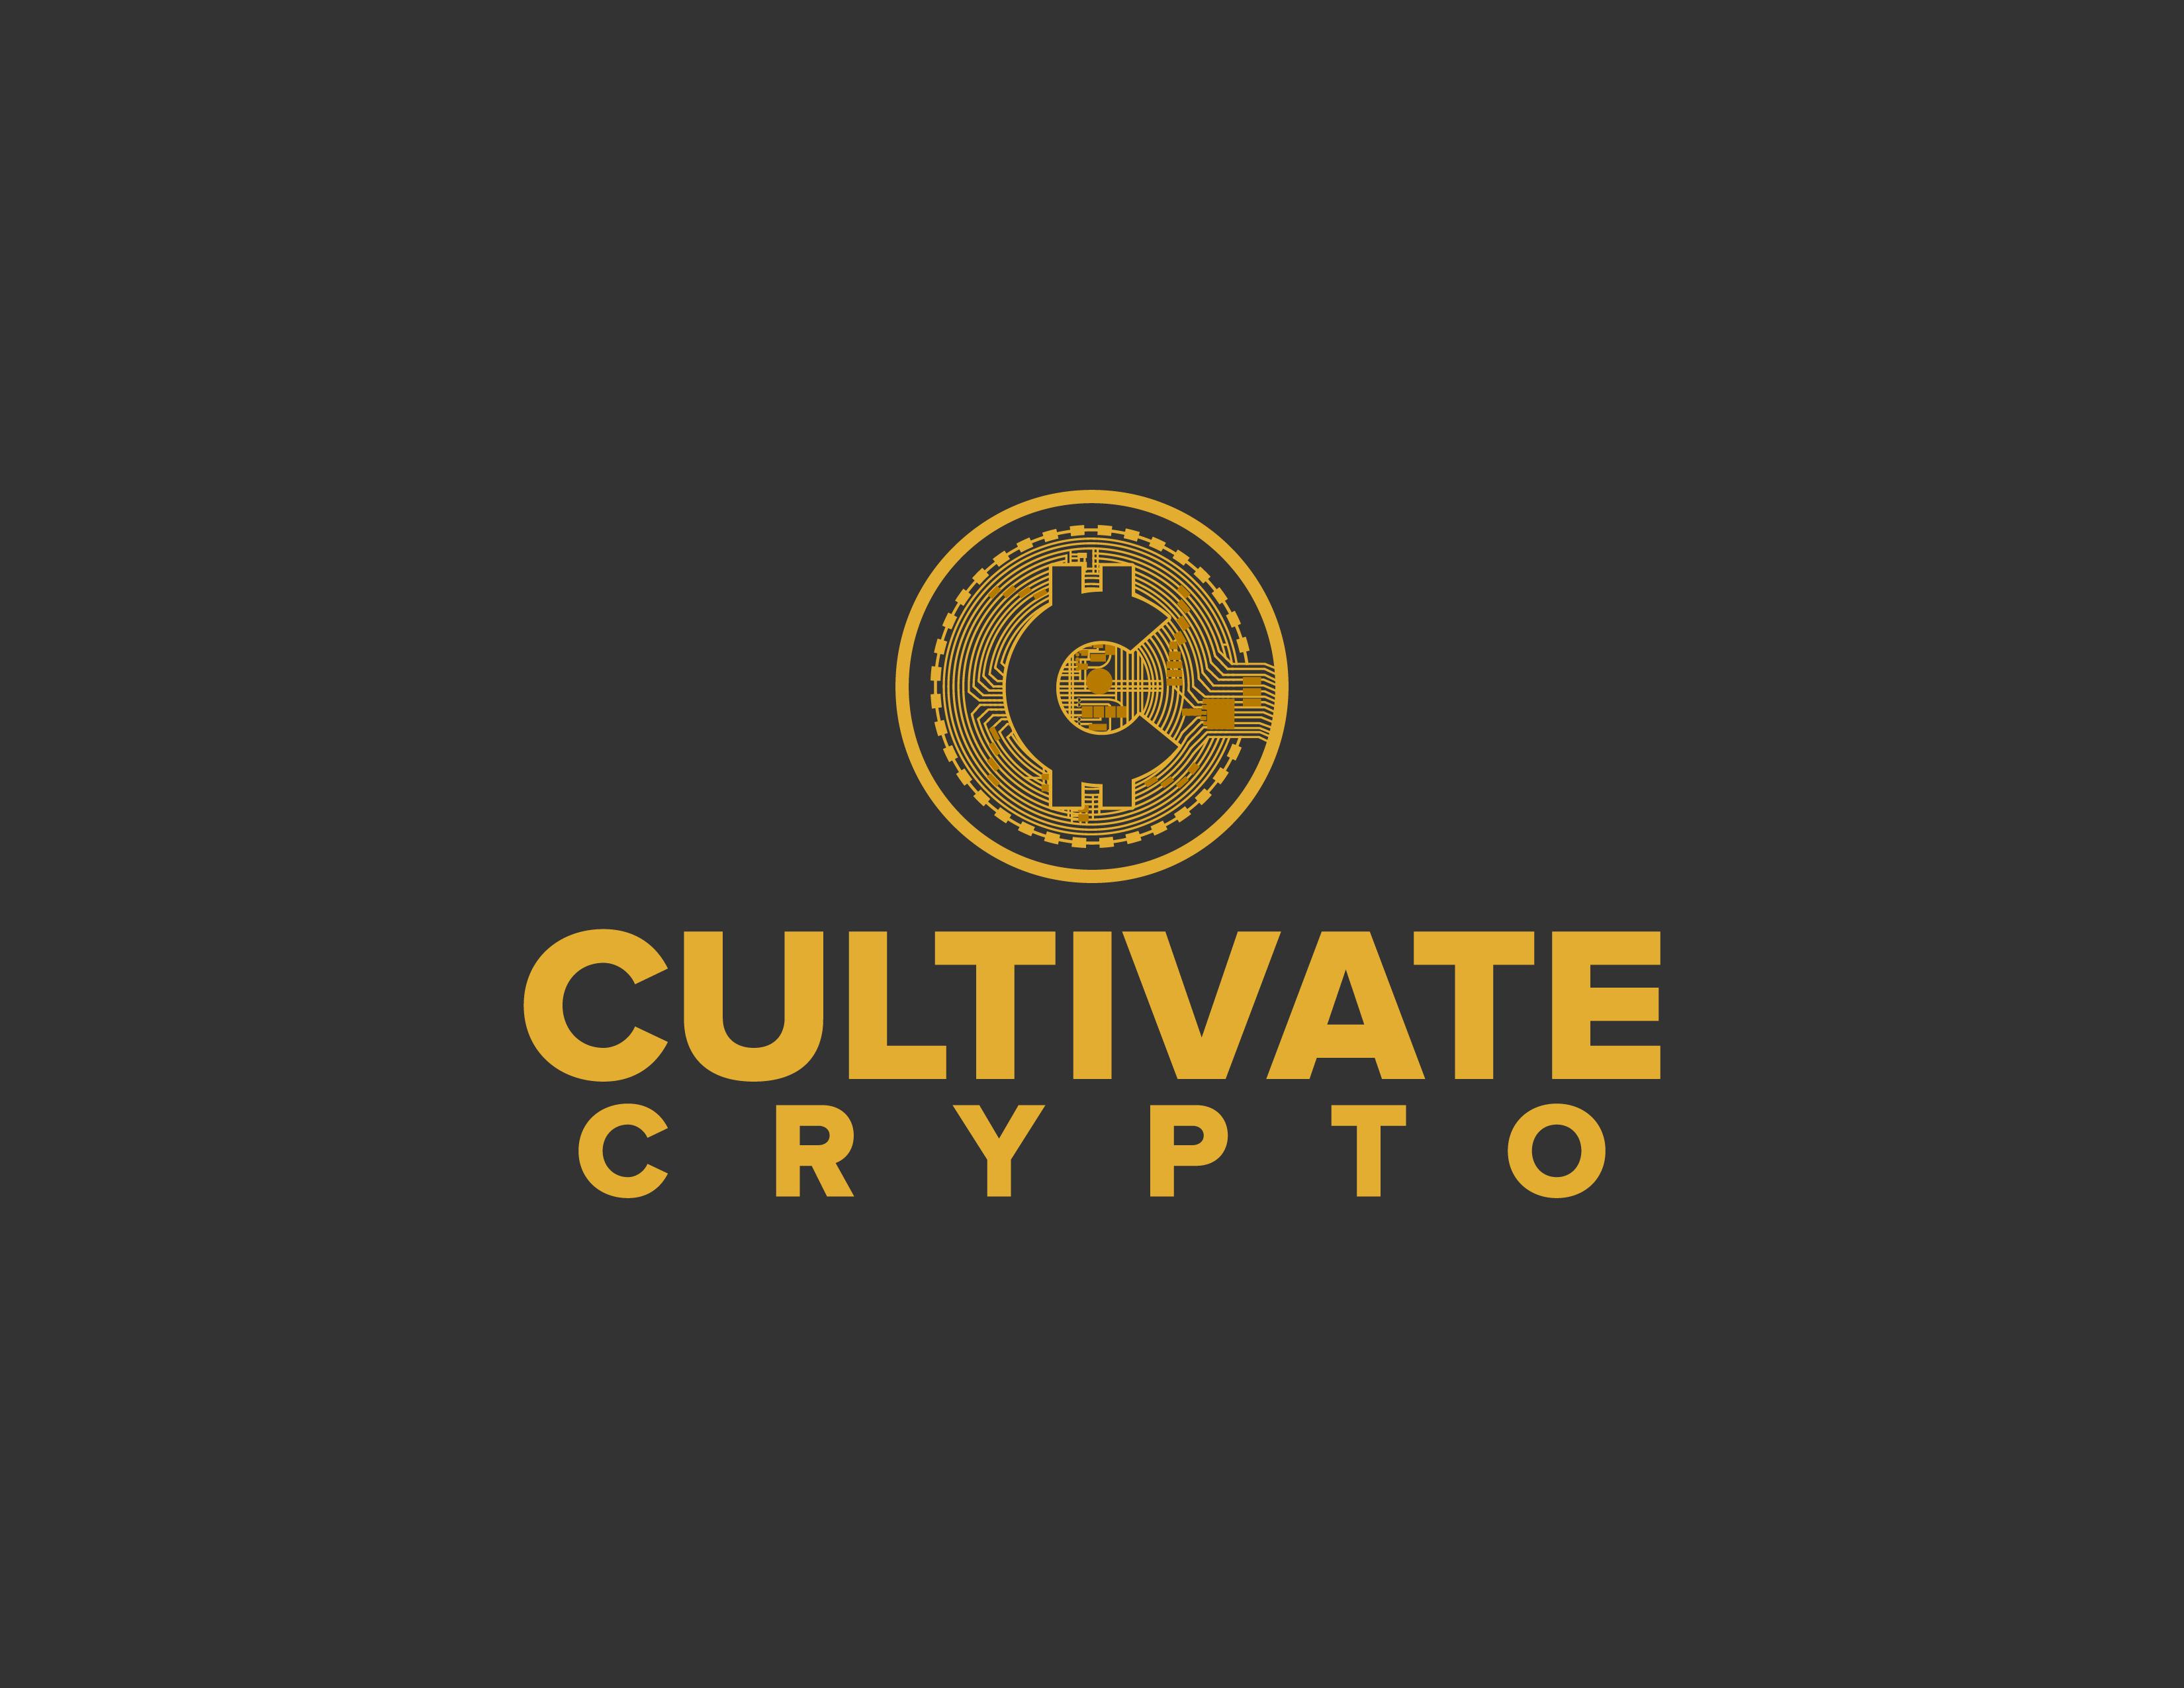 Cultivate Crypto